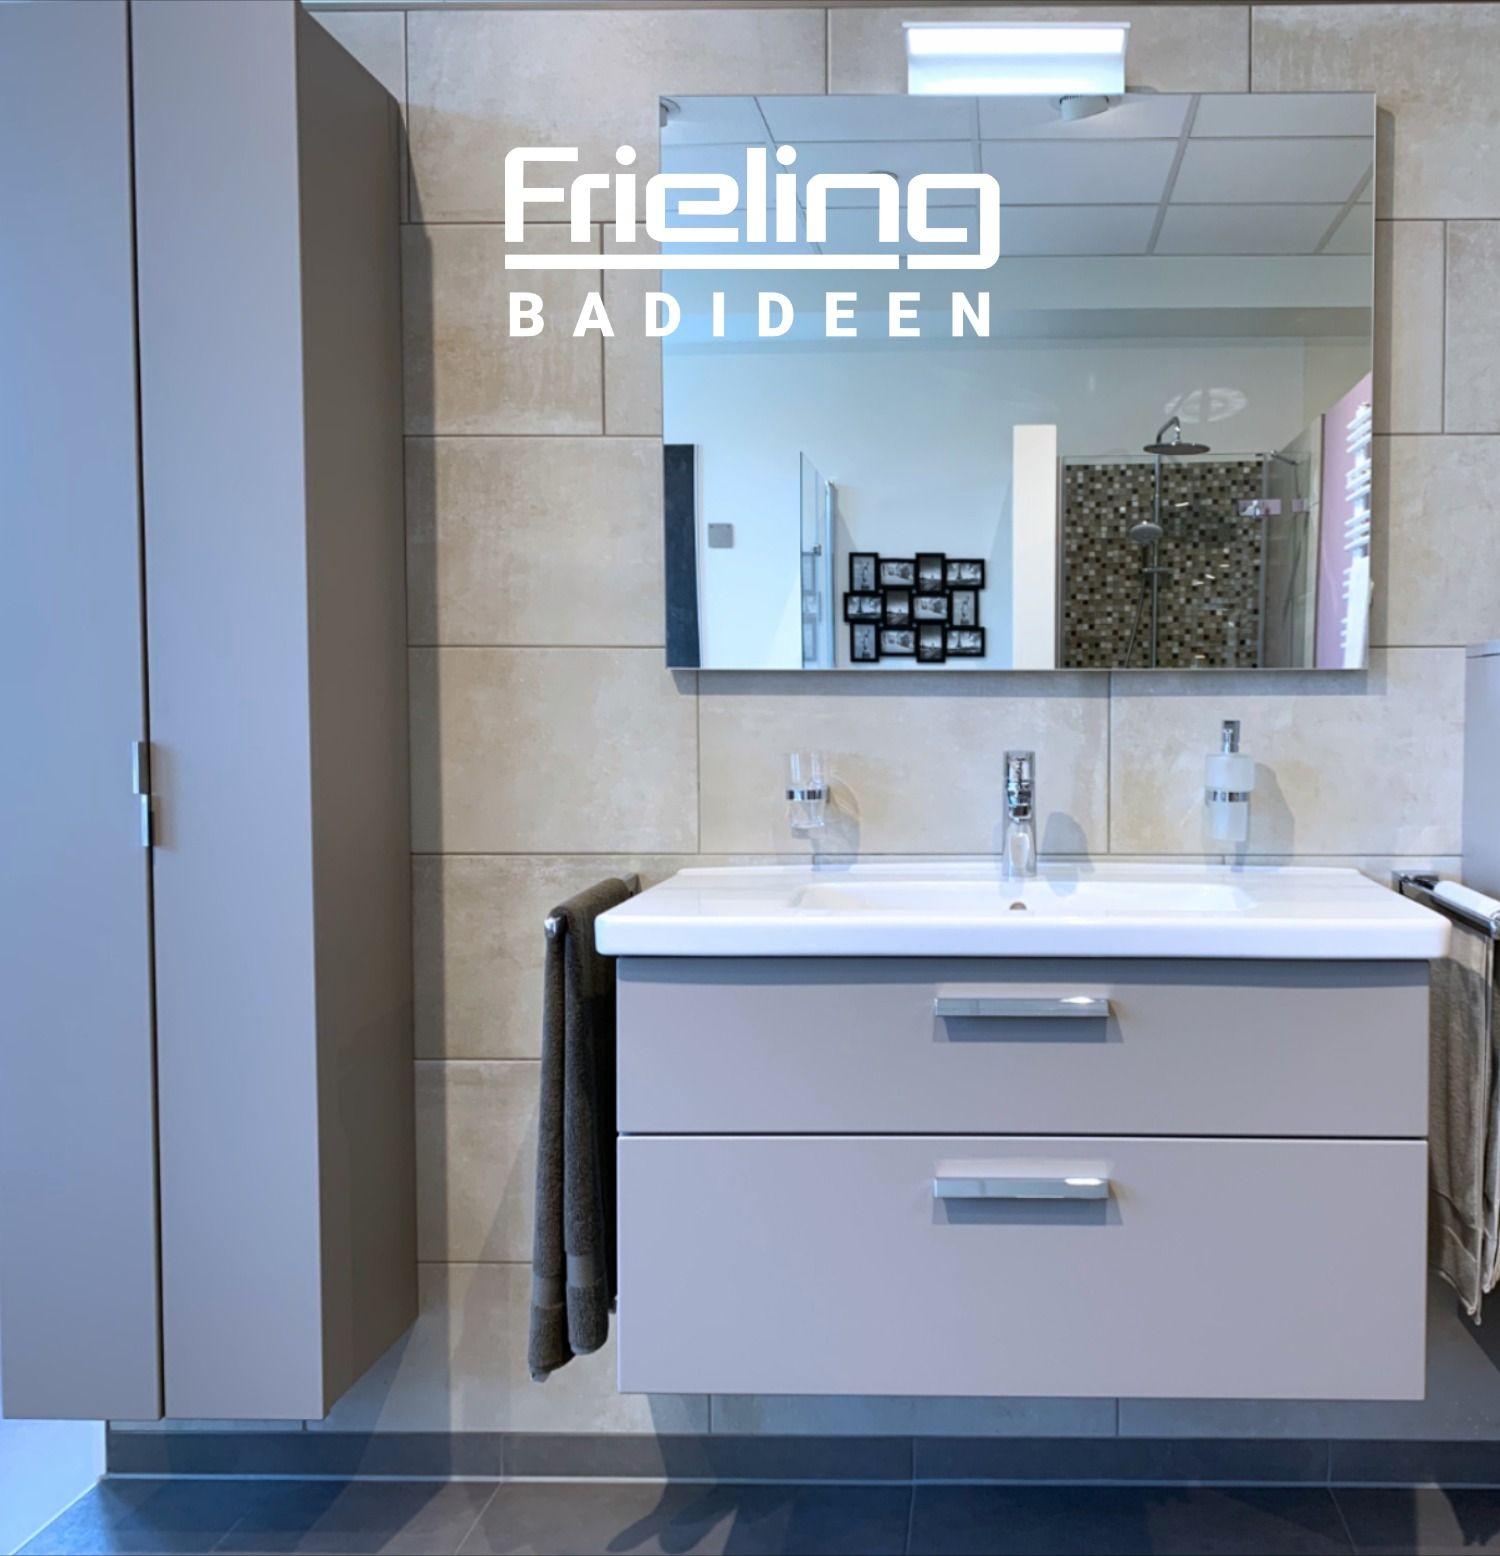 Stylischer Stauraum Ihre Schranke In Szene Setzen Moderne Waschtischanlage Pastelltone Im Bad In 2020 Bader Ideen Bad Design Badezimmerspiegel